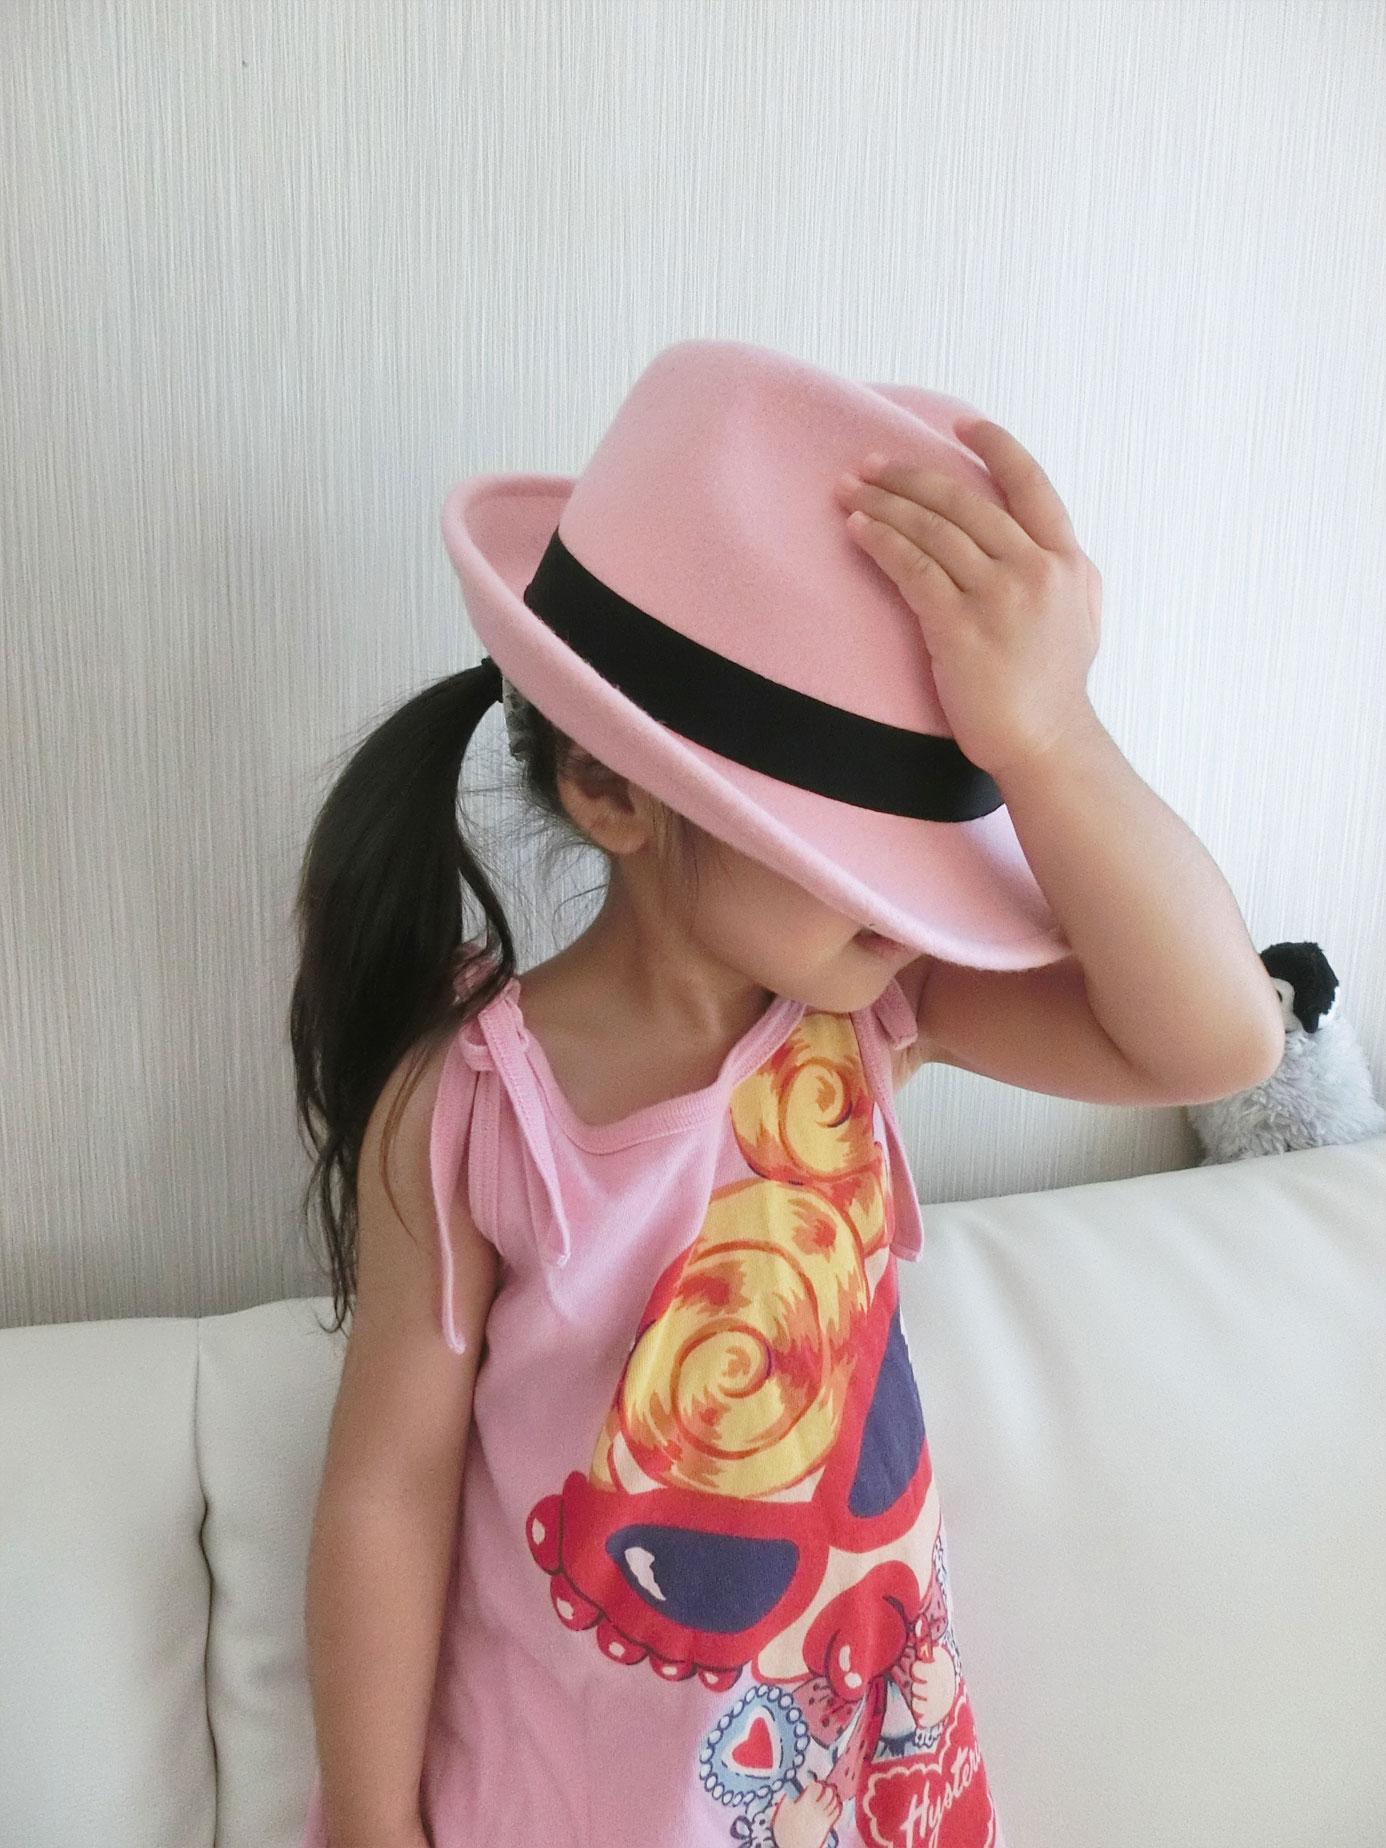 名倉のFLEXIBLEへ & つま先ピーンな2歳最後の夏。_d0224894_1514393.jpg